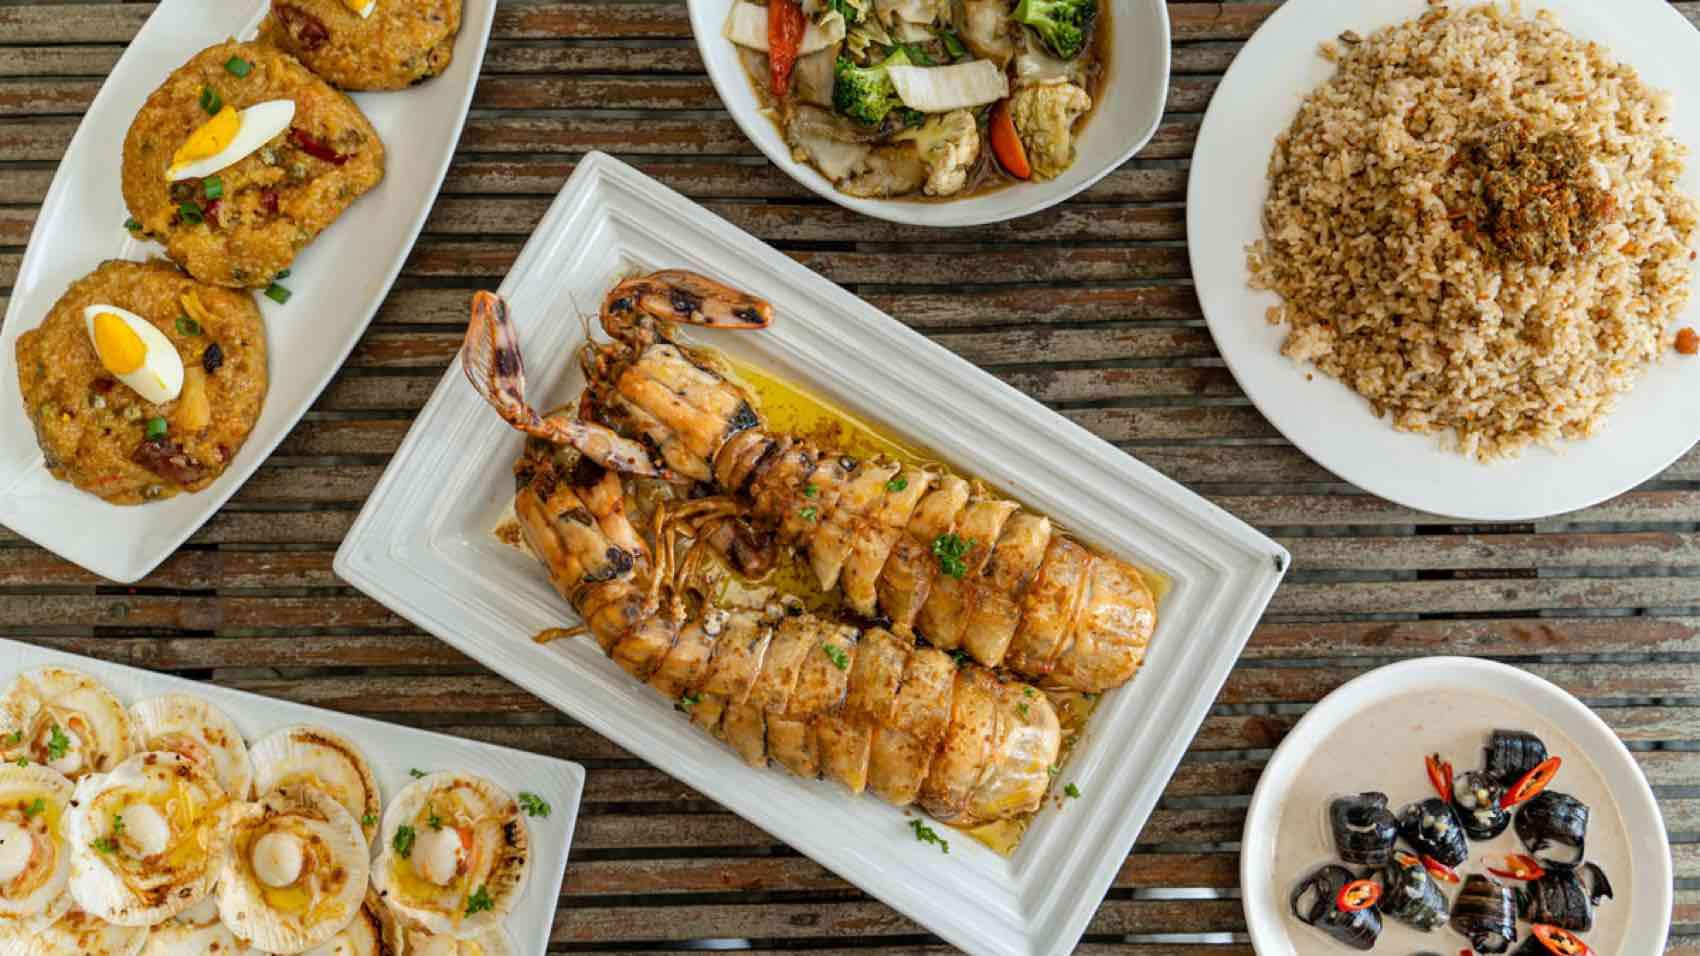 Seafood served on the island of Ilo Ilo